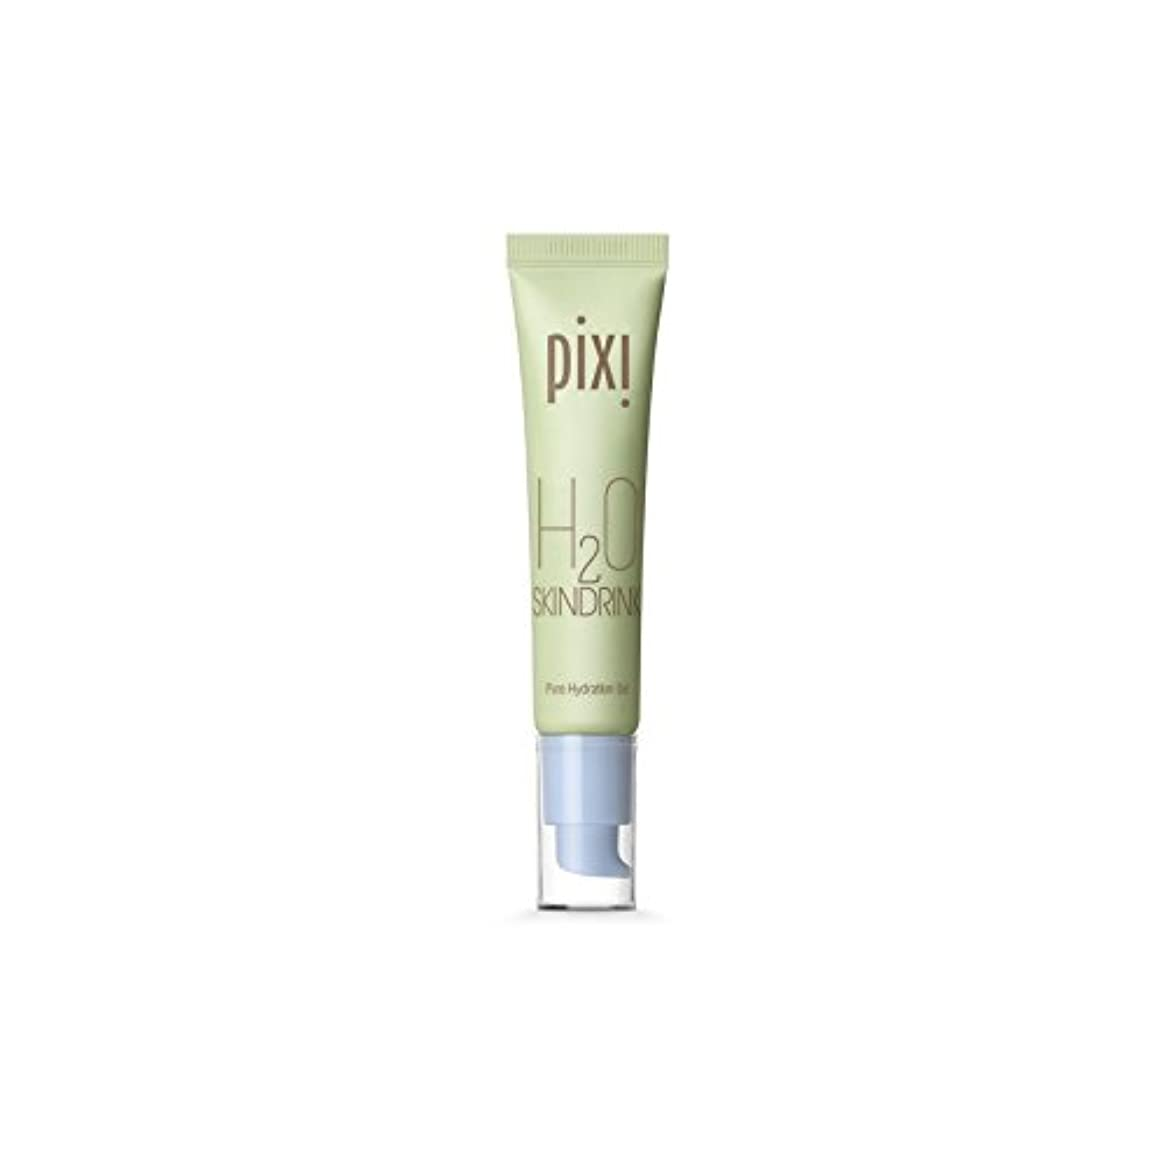 優雅な収縮モンキー20スキンドリンク x2 - Pixi H20 Skin Drink (Pack of 2) [並行輸入品]